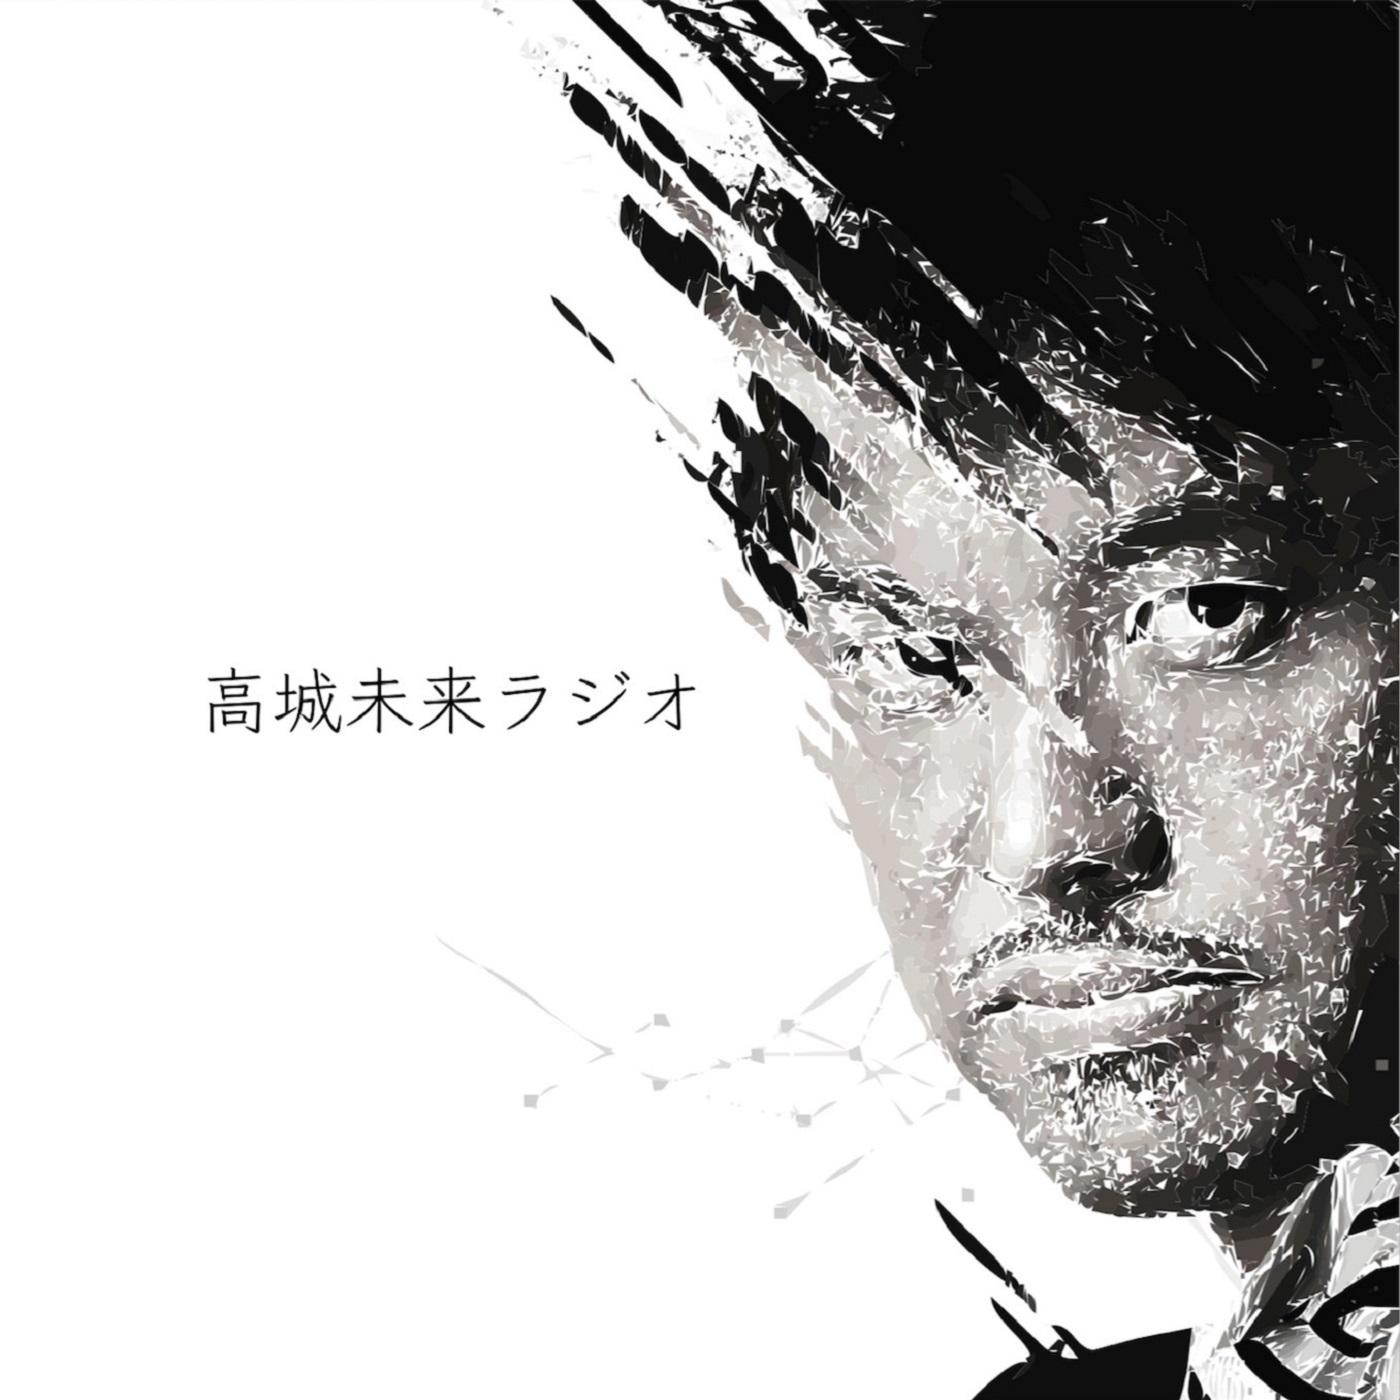 第52回 波をよむ -山田さん(仮名)/FXトレーダー 前編